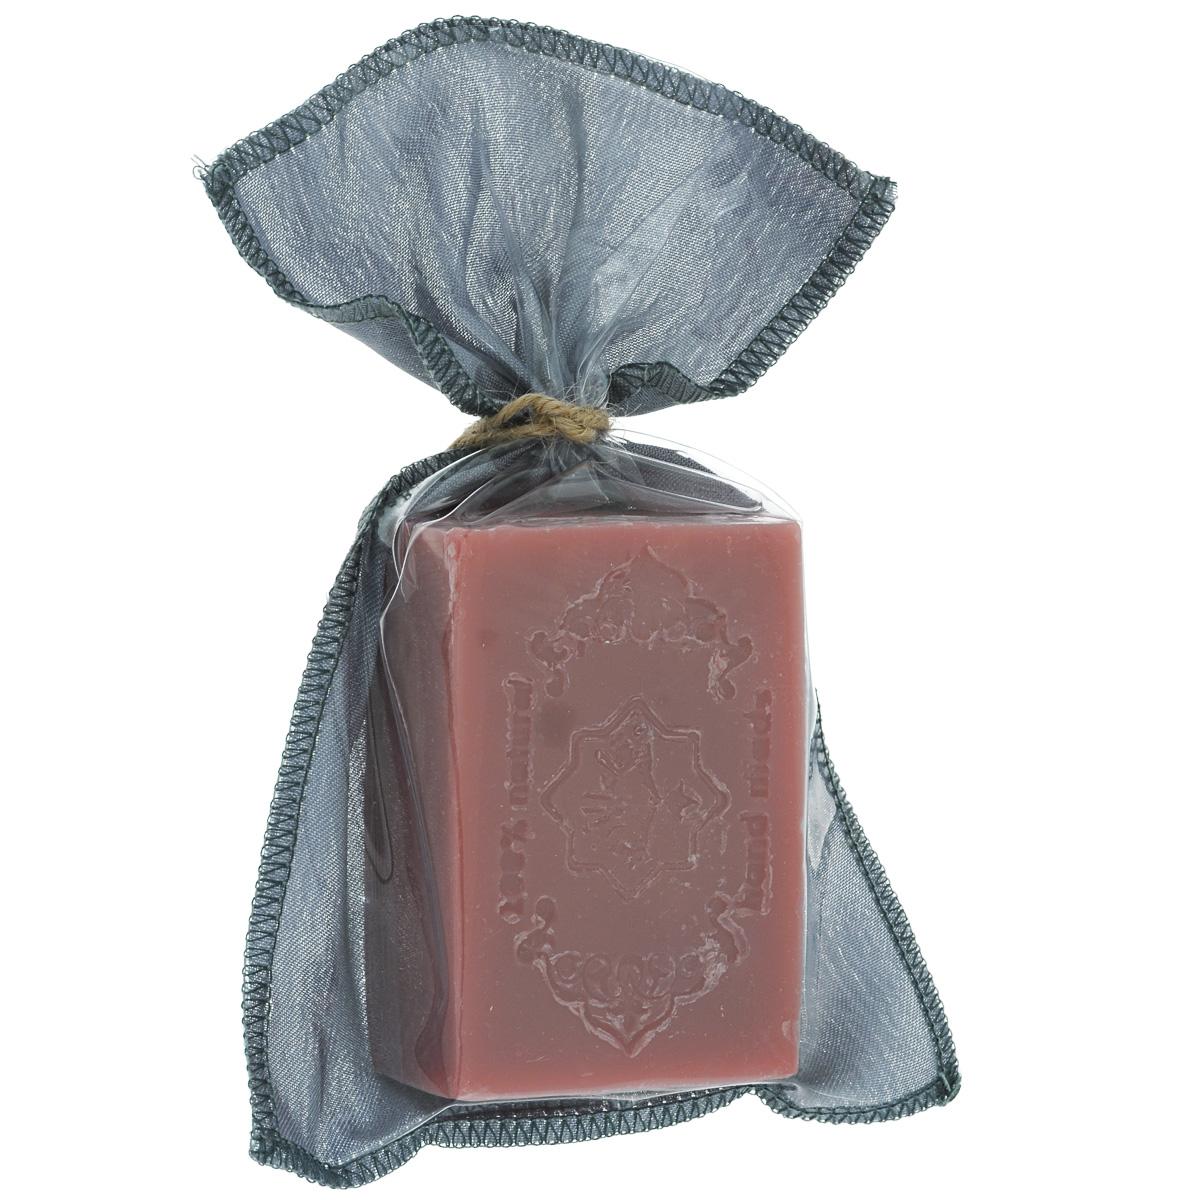 Зейтун Мыло Премиум №4 Ароматы гарема, 150 гMP59.3DМыло для всех типов кожи с сандалом и амброй. Оставляет на коже тонкий и пикантный шлейф восточного аромата, оказывает тонизирующий эффект. Хорошо увлажняет и питает кожу, не сушит и не стягивает. Подходит для ежедневного применения.